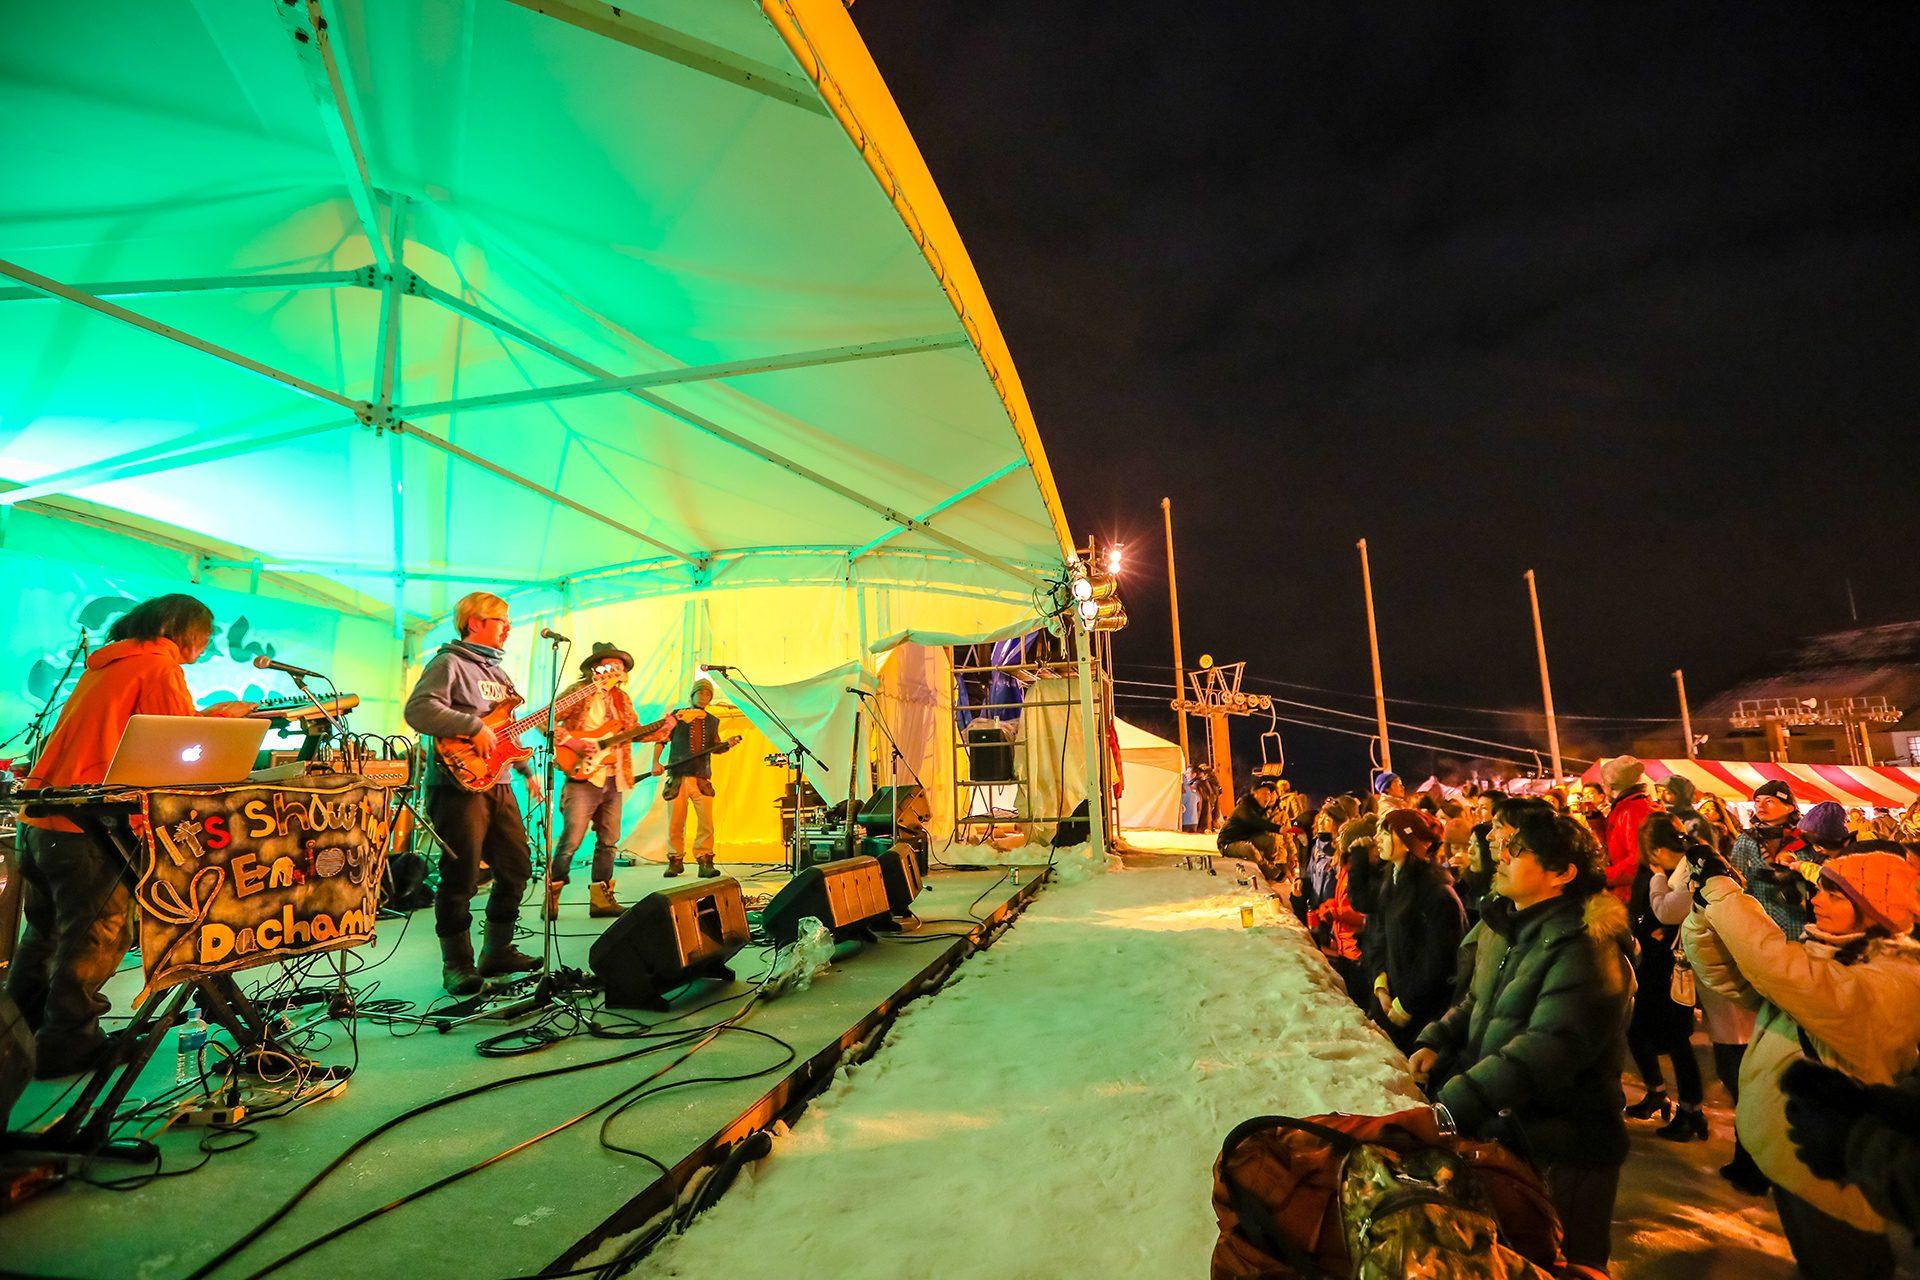 冬の澄んだ空気に響き渡る盛り上がり必至のライブステージ。今宵も熱きアーティストが歴史を作ります。